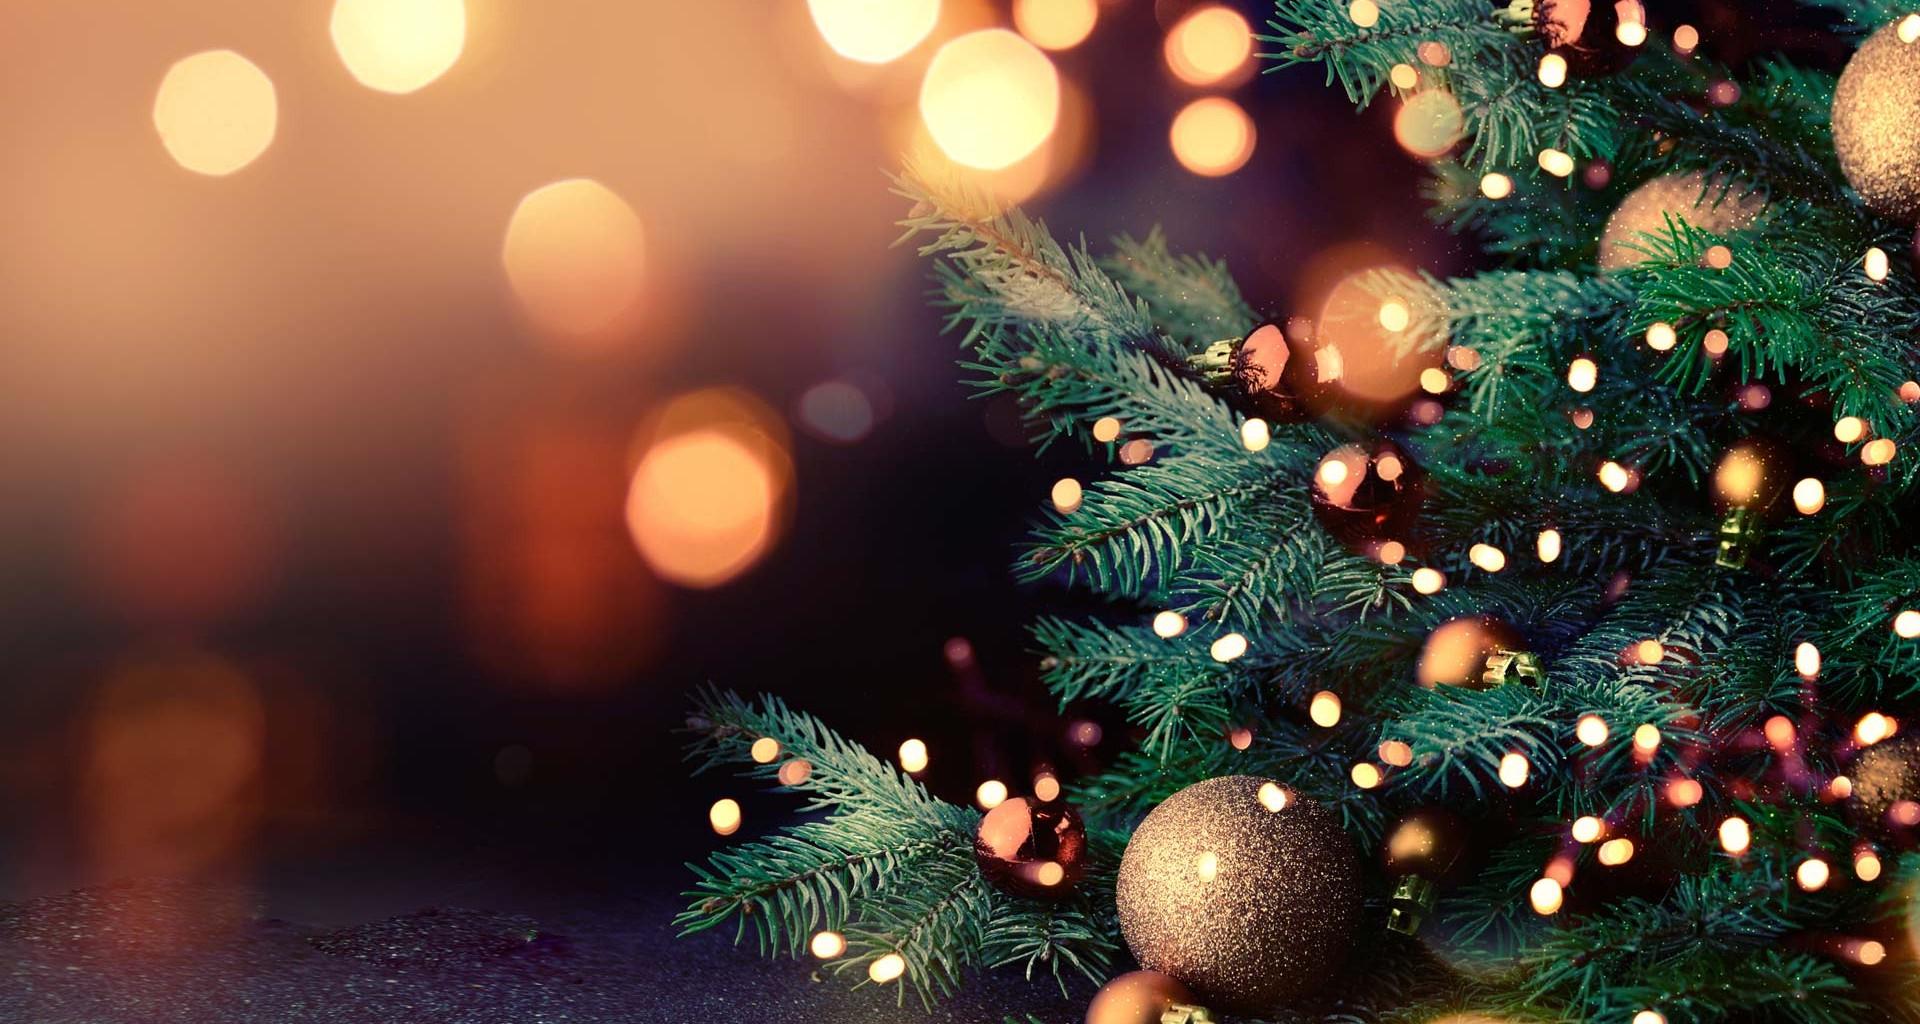 De dónde vienen la fecha de Navidad, el árbol y Santa Claus? | Tecnológico  de Monterrey